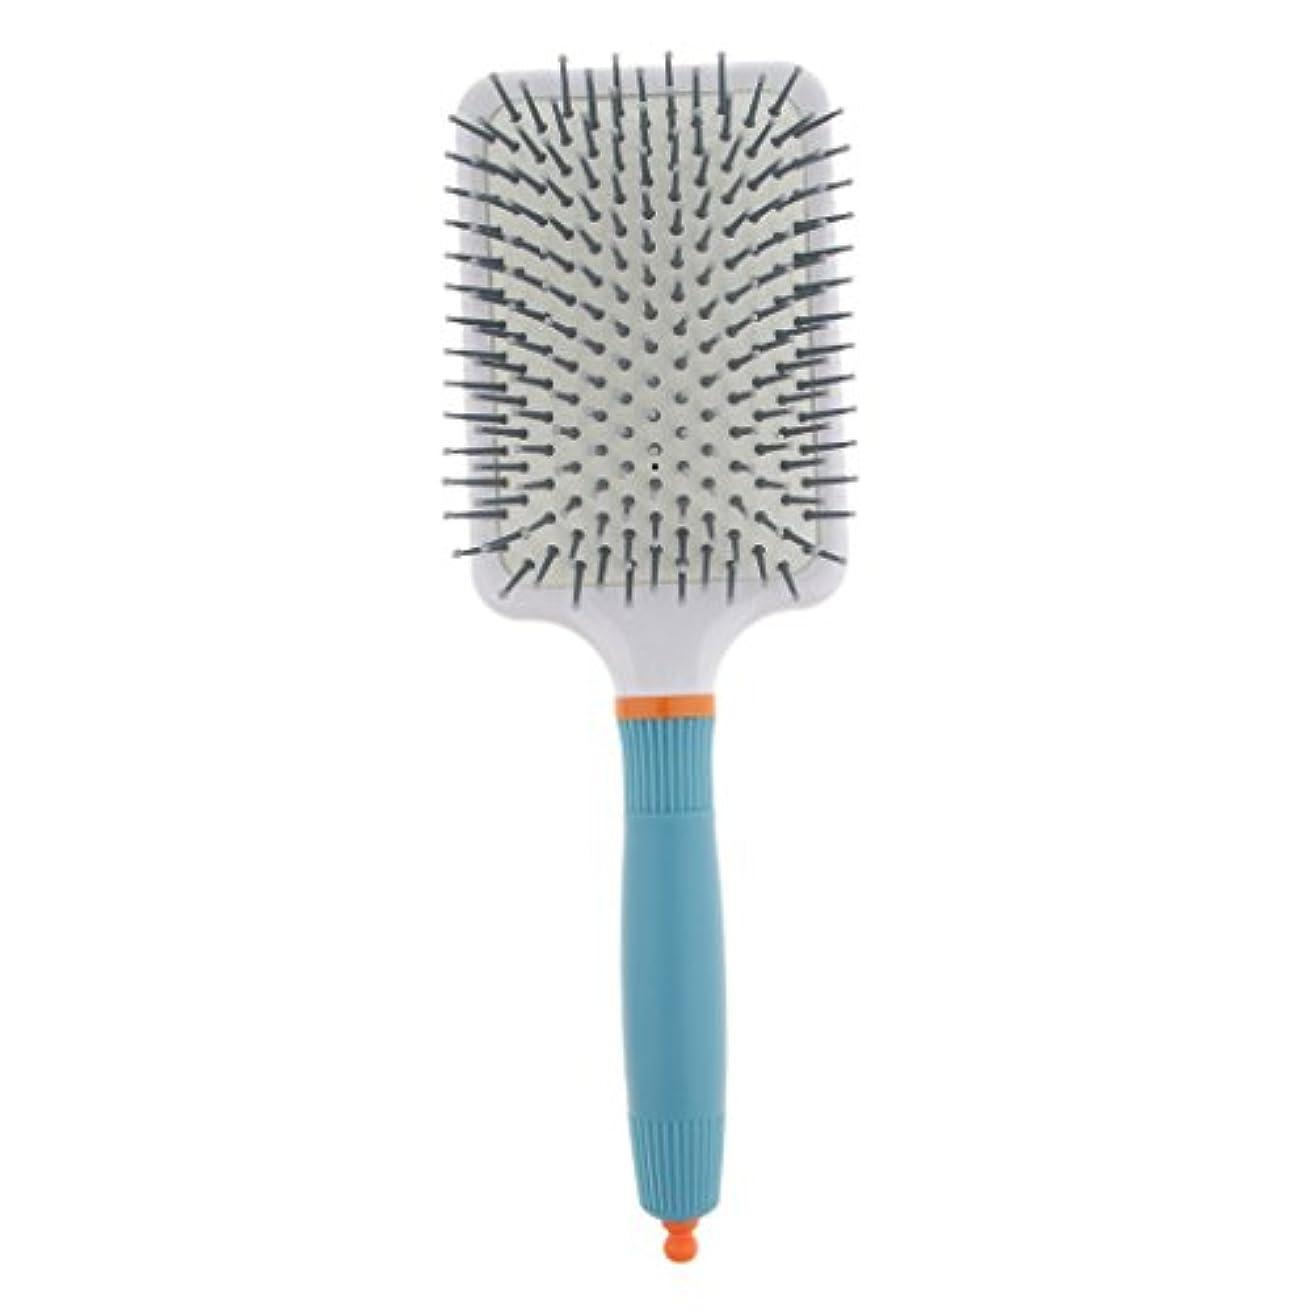 フレットガイドライン不確実頭皮マッサージ ヘアブラシ 櫛 パドル エアクッション櫛 2色選べる - ライトブルー